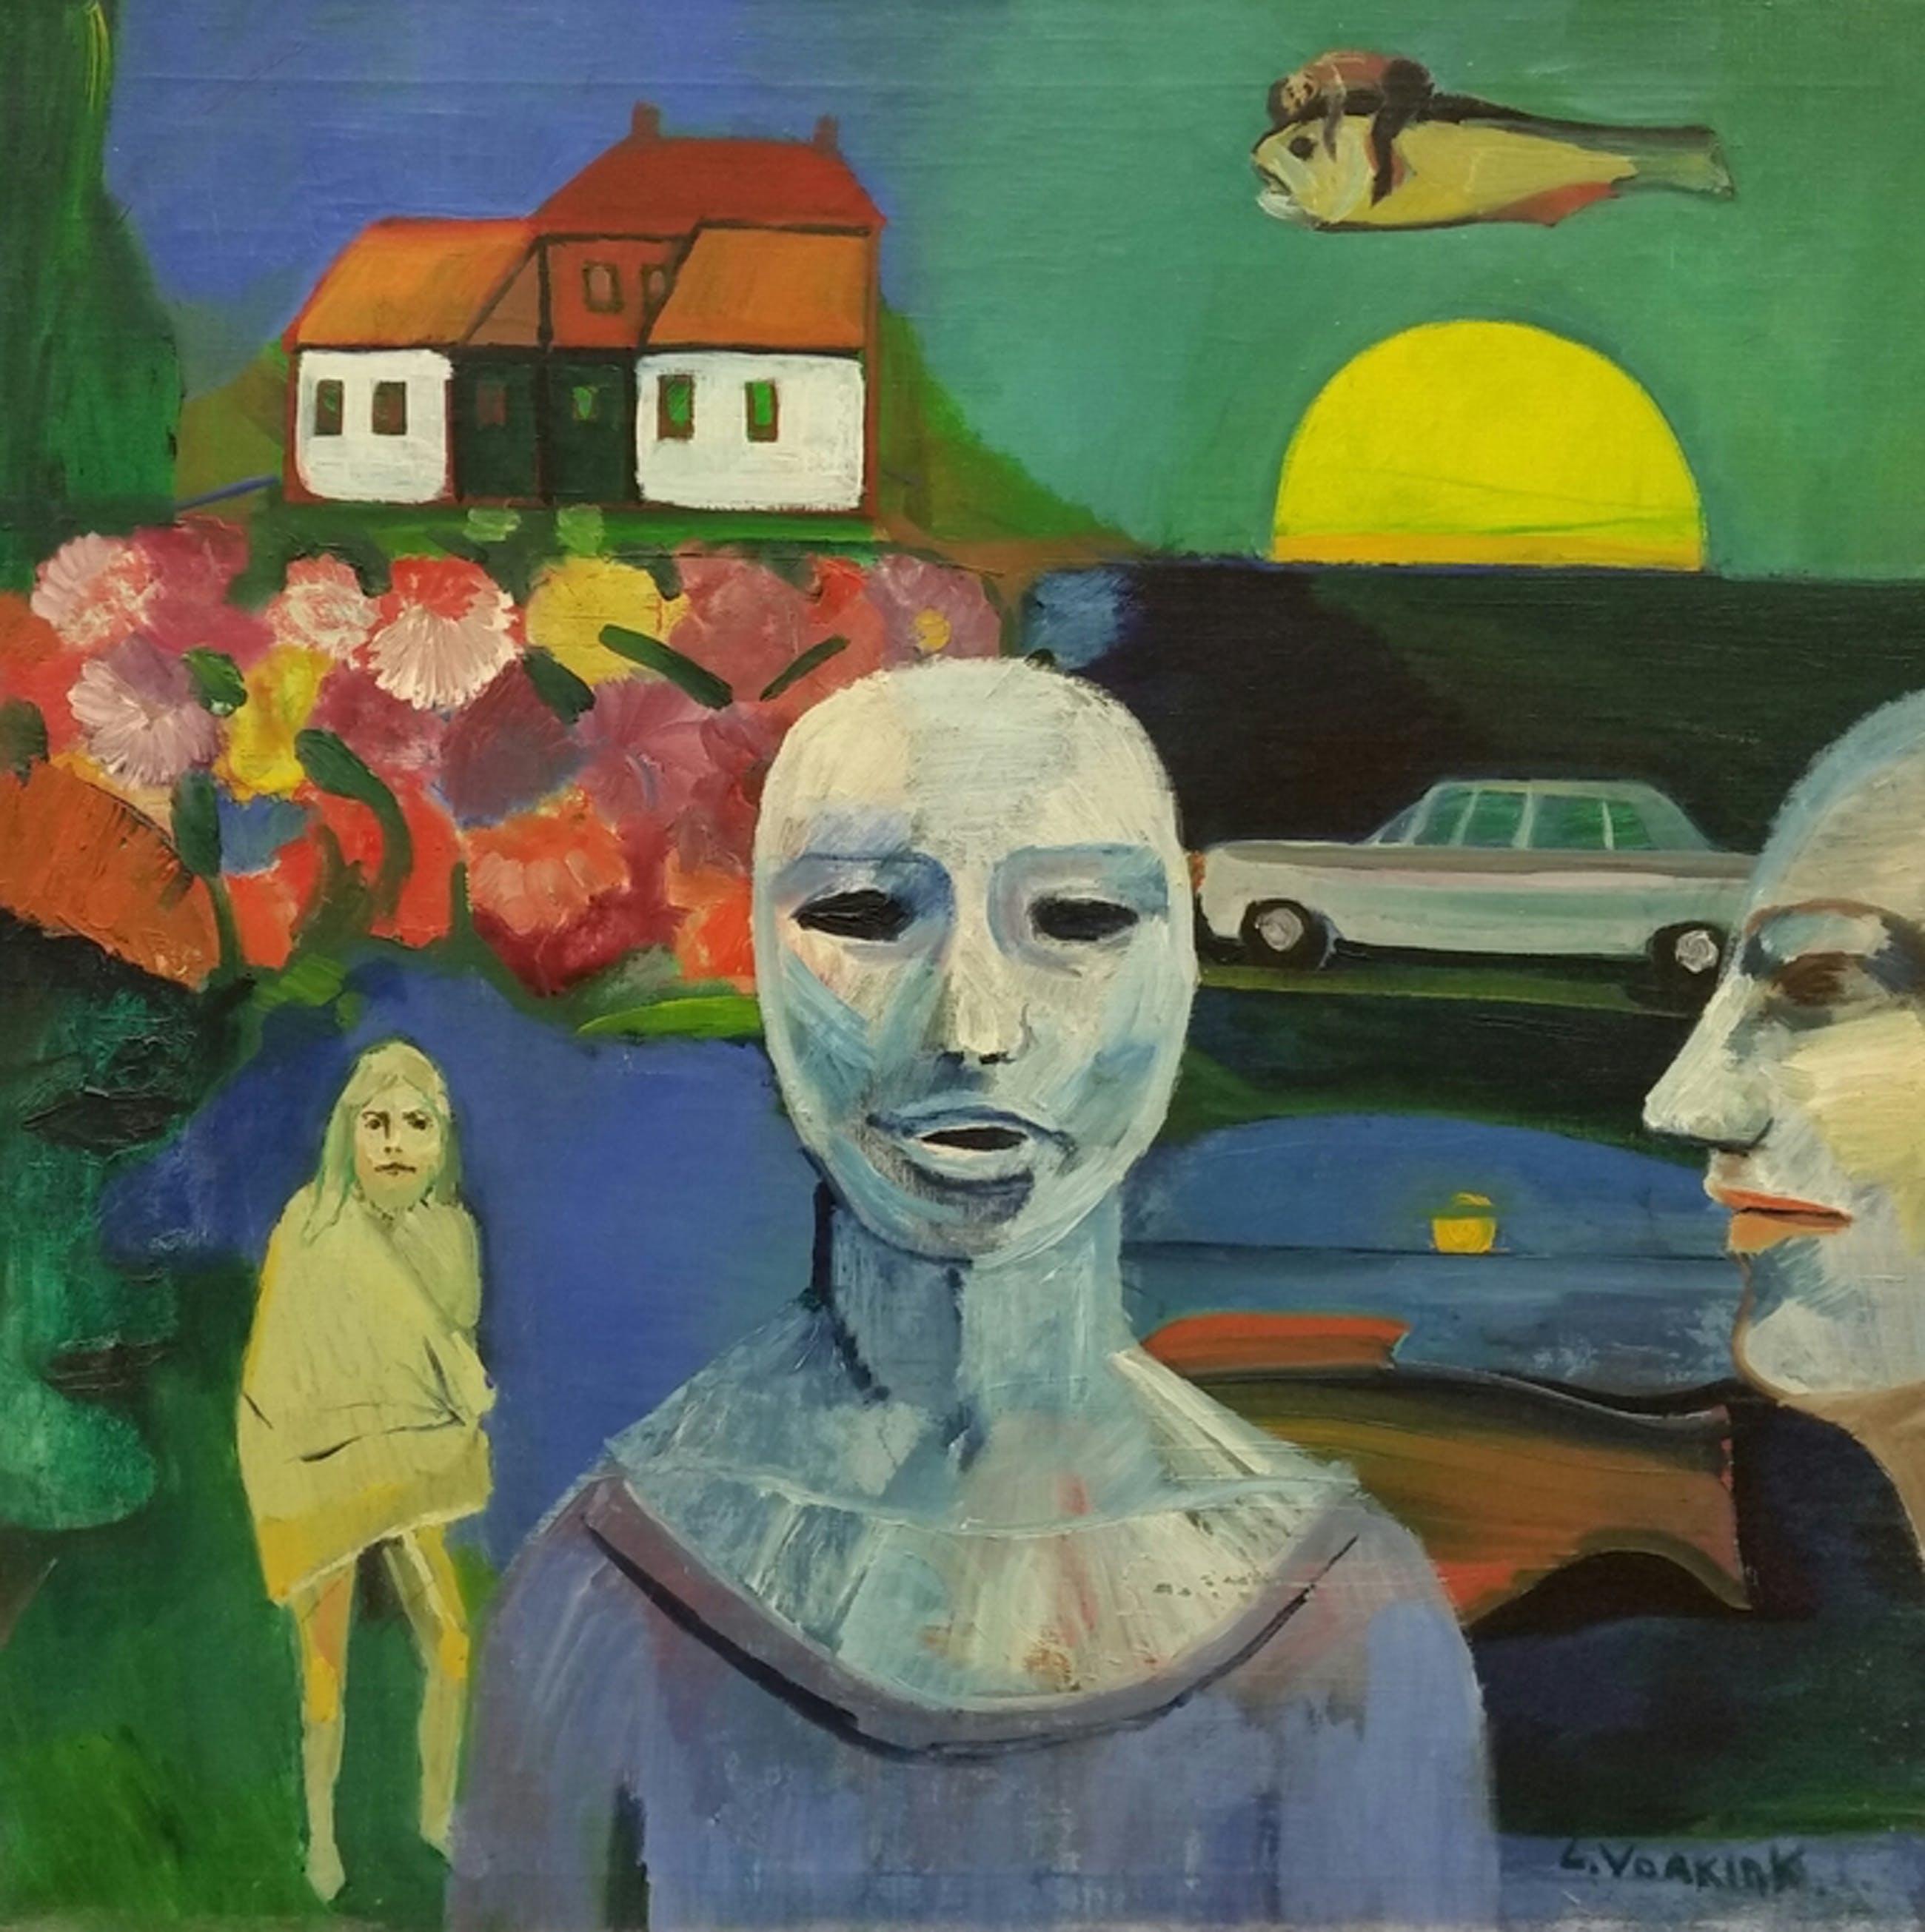 Louis Vorkink, olieverf op doek, Vrouw met masker (1969) kopen? Bied vanaf 75!